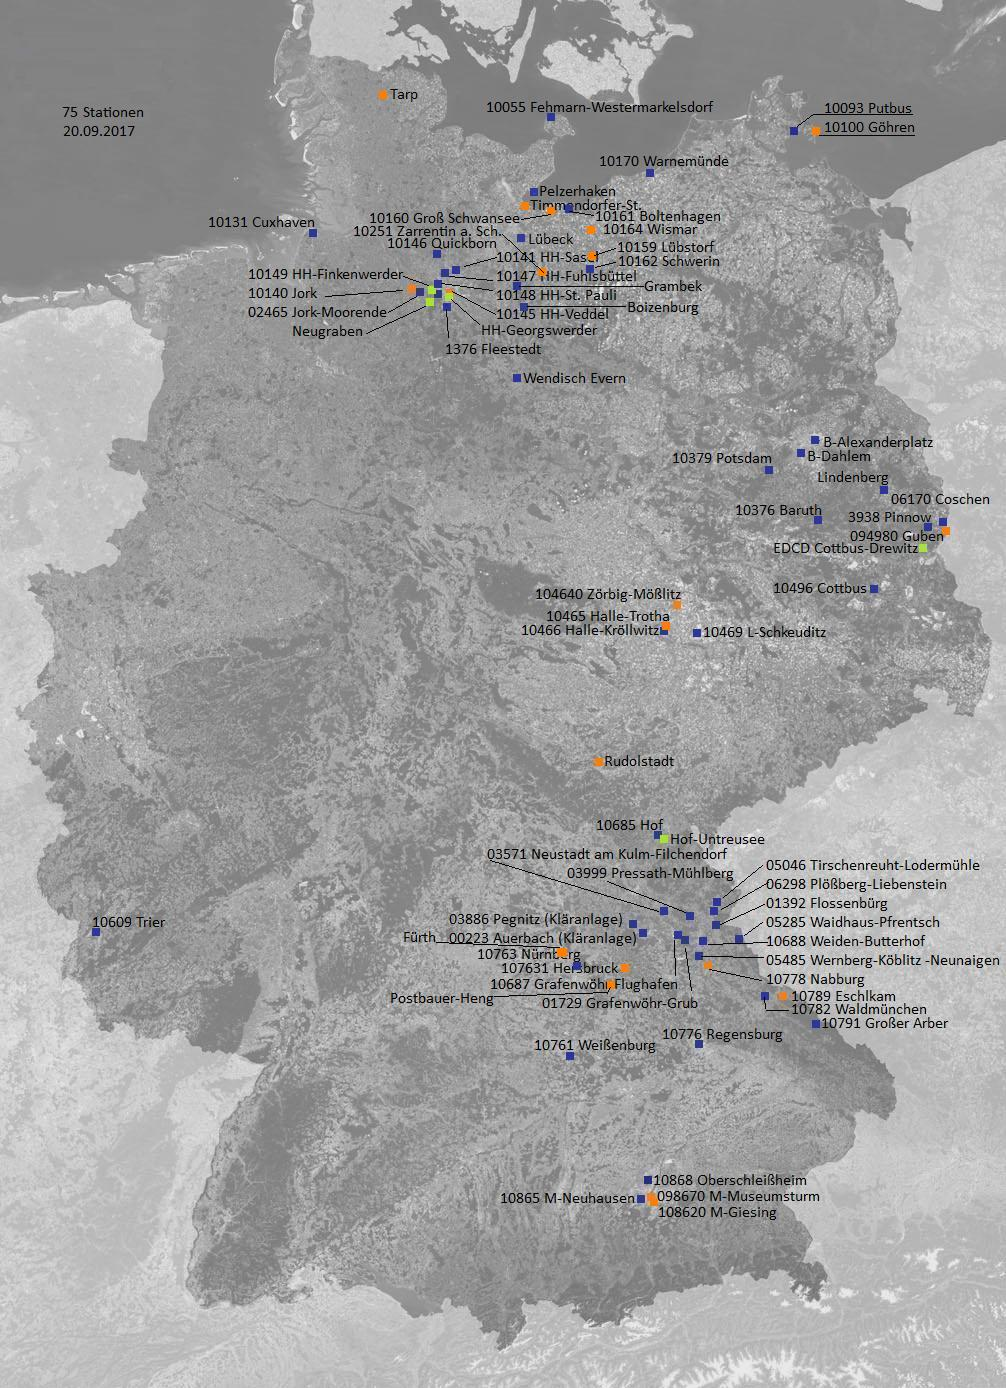 http://www.wetterdiagramme.de/wetterstationen/Stationskarte.jpg